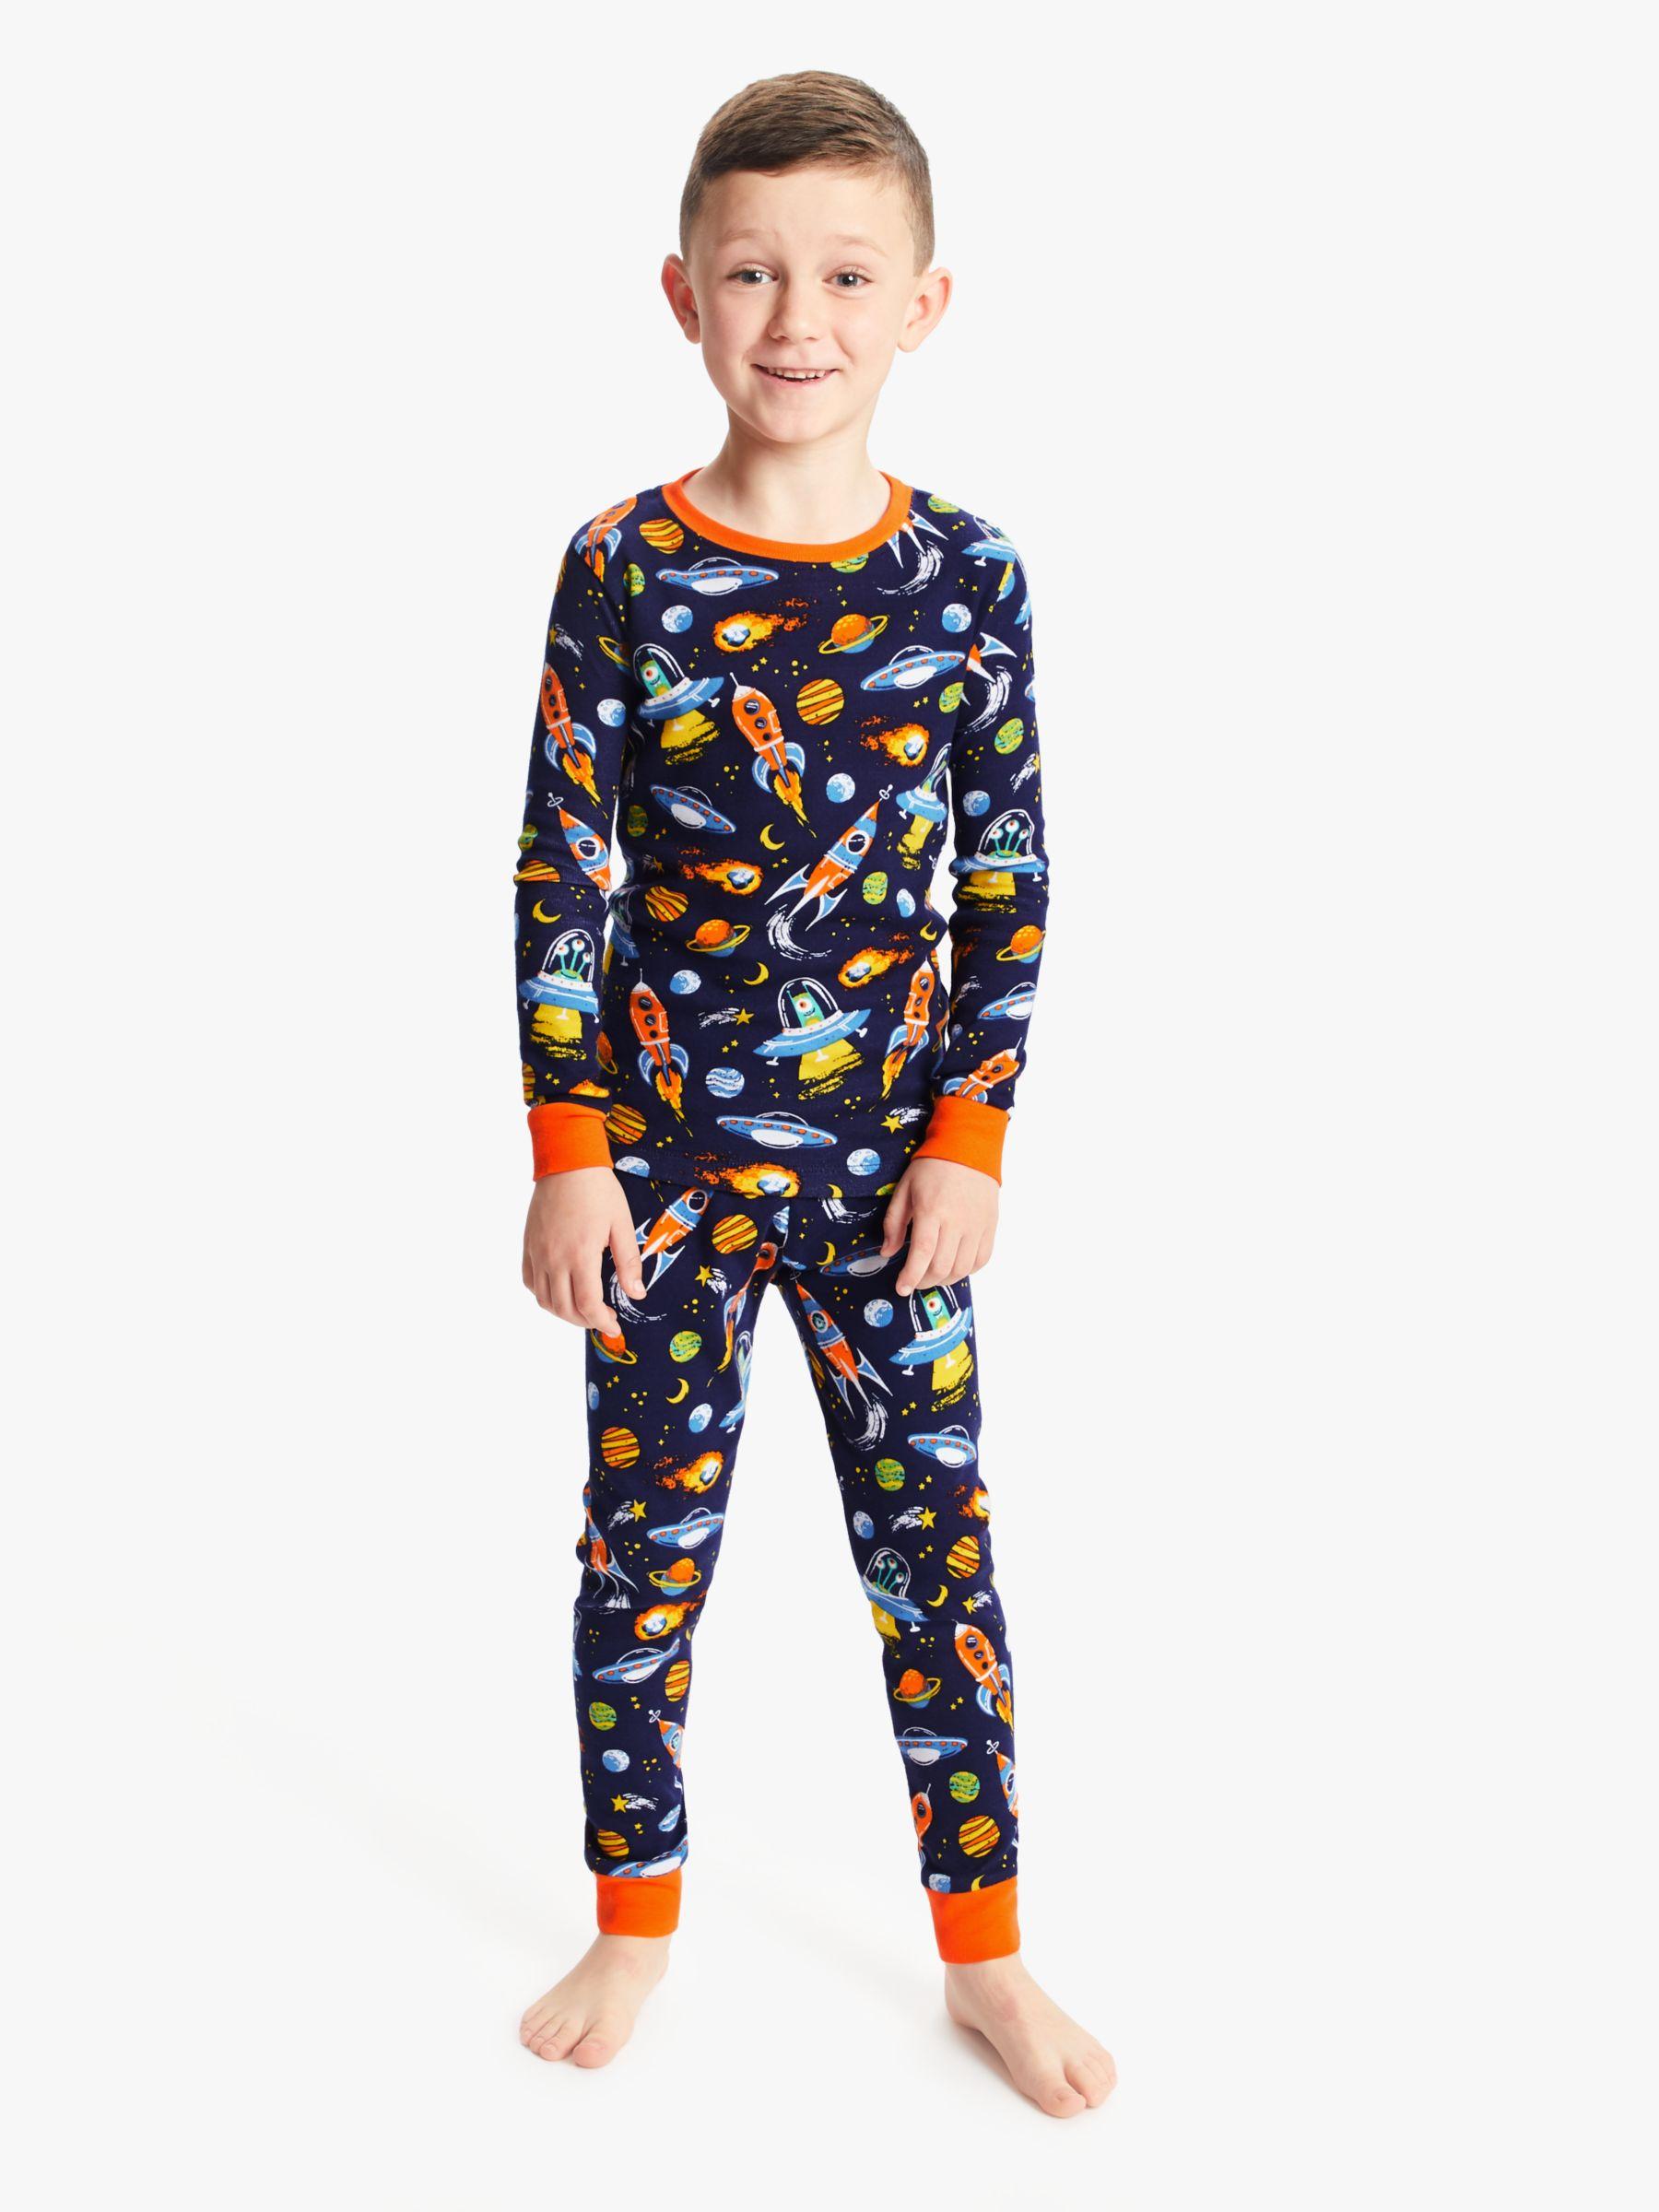 Hatley Hatley Boys' Retro Rockets Print Pyjamas, Navy